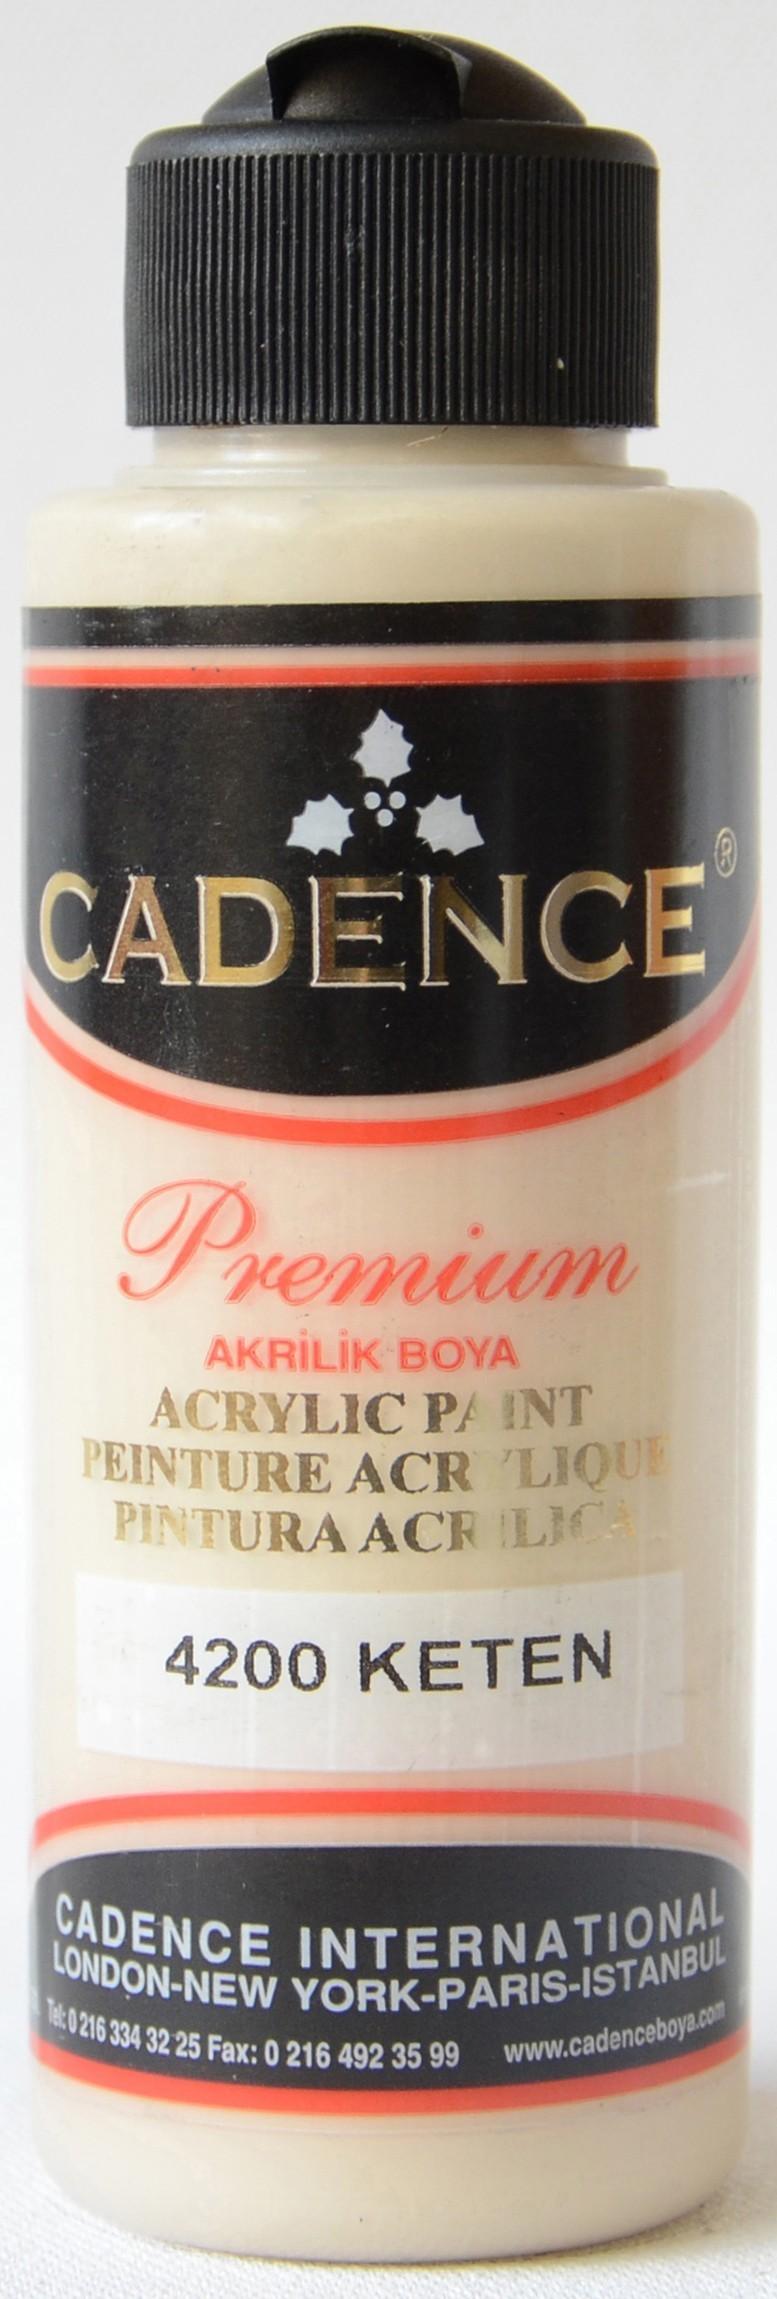 Cadence Akrilik Boya 120ML(cc) 4200 Keten renkleri